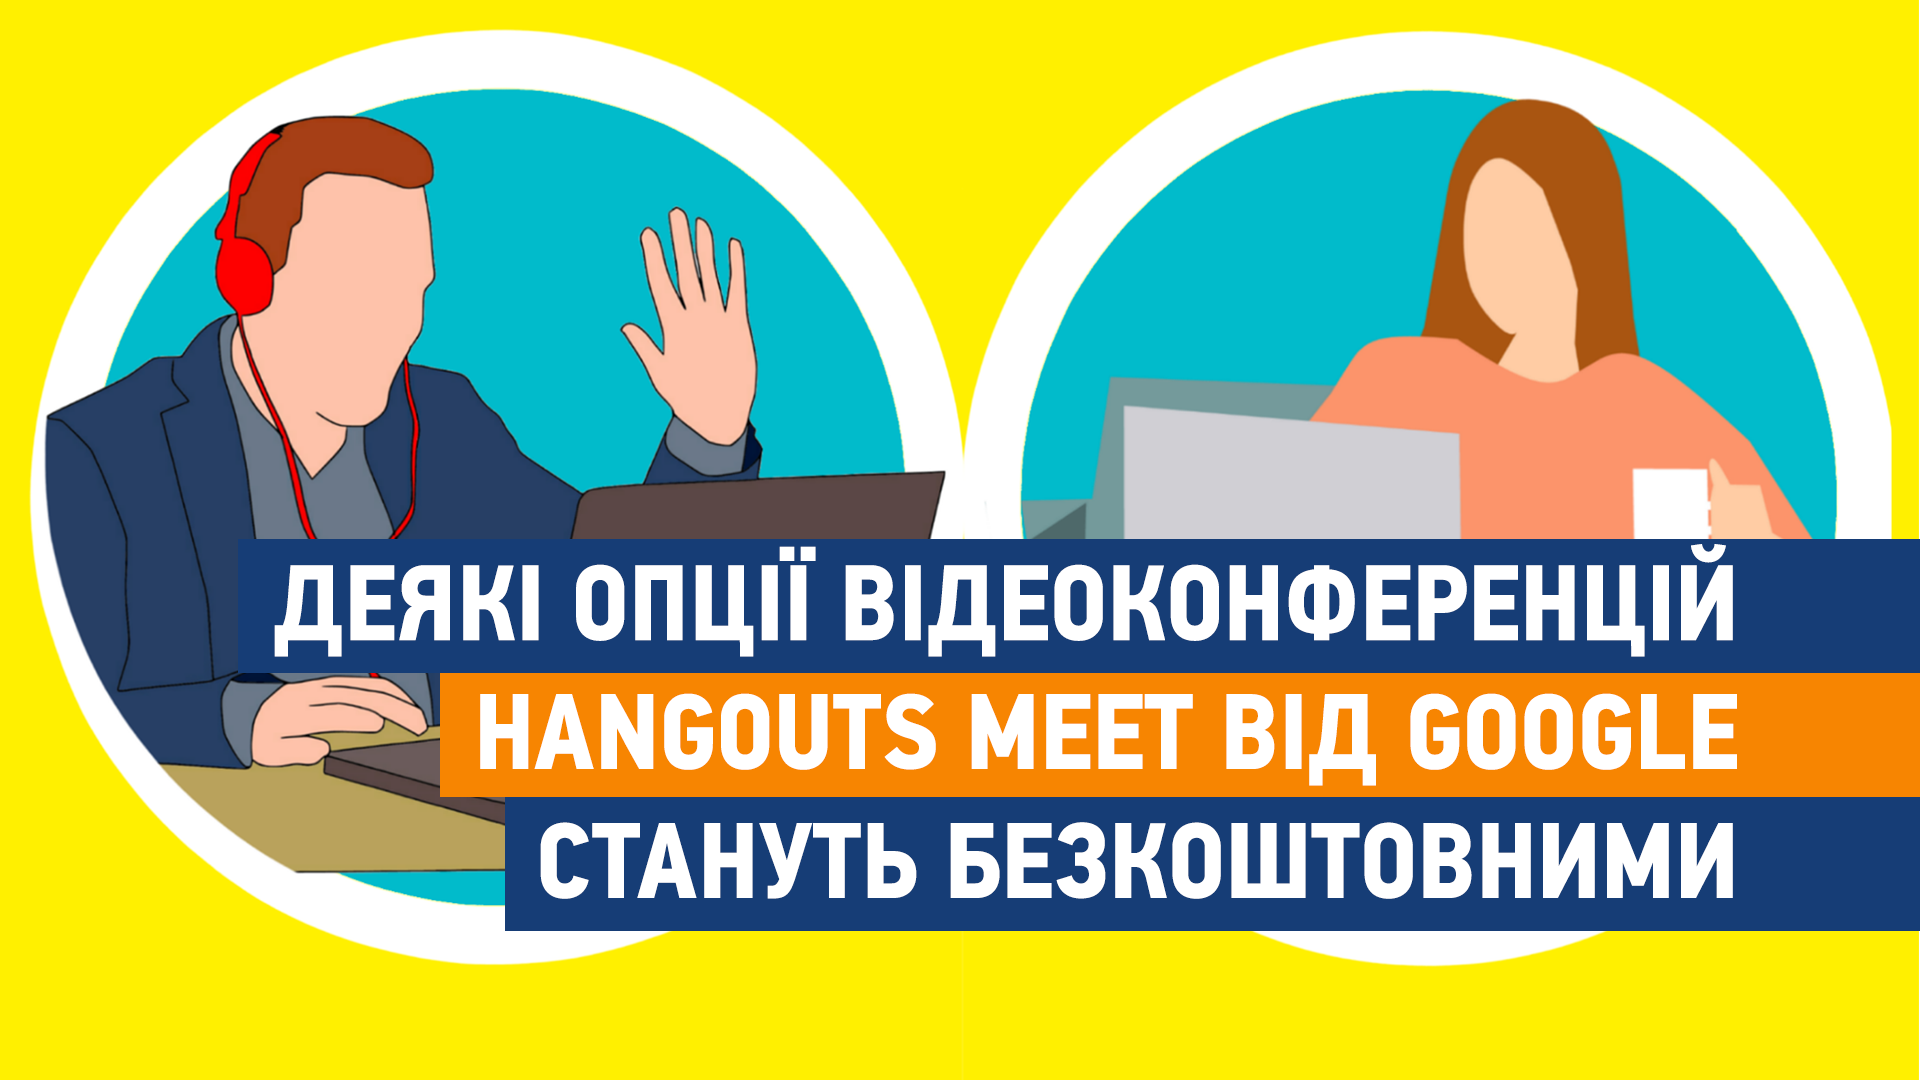 Деякі опції Hangouts Meet від Google стануть безкоштовними - Microsoft, google - HANGOUTS poglyad